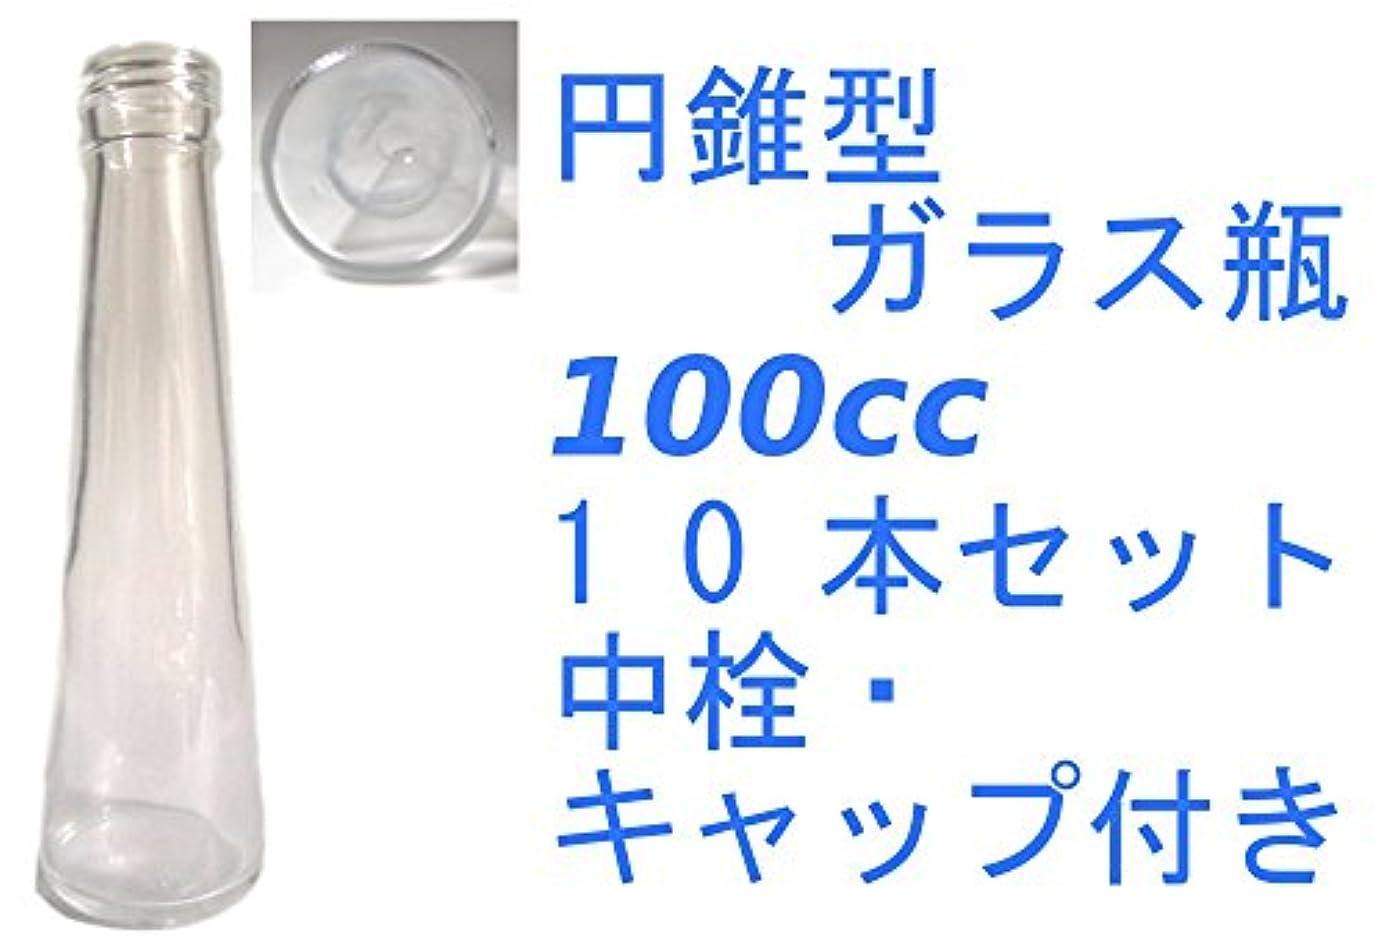 プラカード怪物ハッチ(ジャストユーズ)JustU's 日本製 ポリ栓 中栓付き円錐型ガラス瓶 10本セット 100cc 100ml アロマディフューザー ハーバリウム 調味料 オイル タレ ドレッシング瓶 B10-SSG100A-A